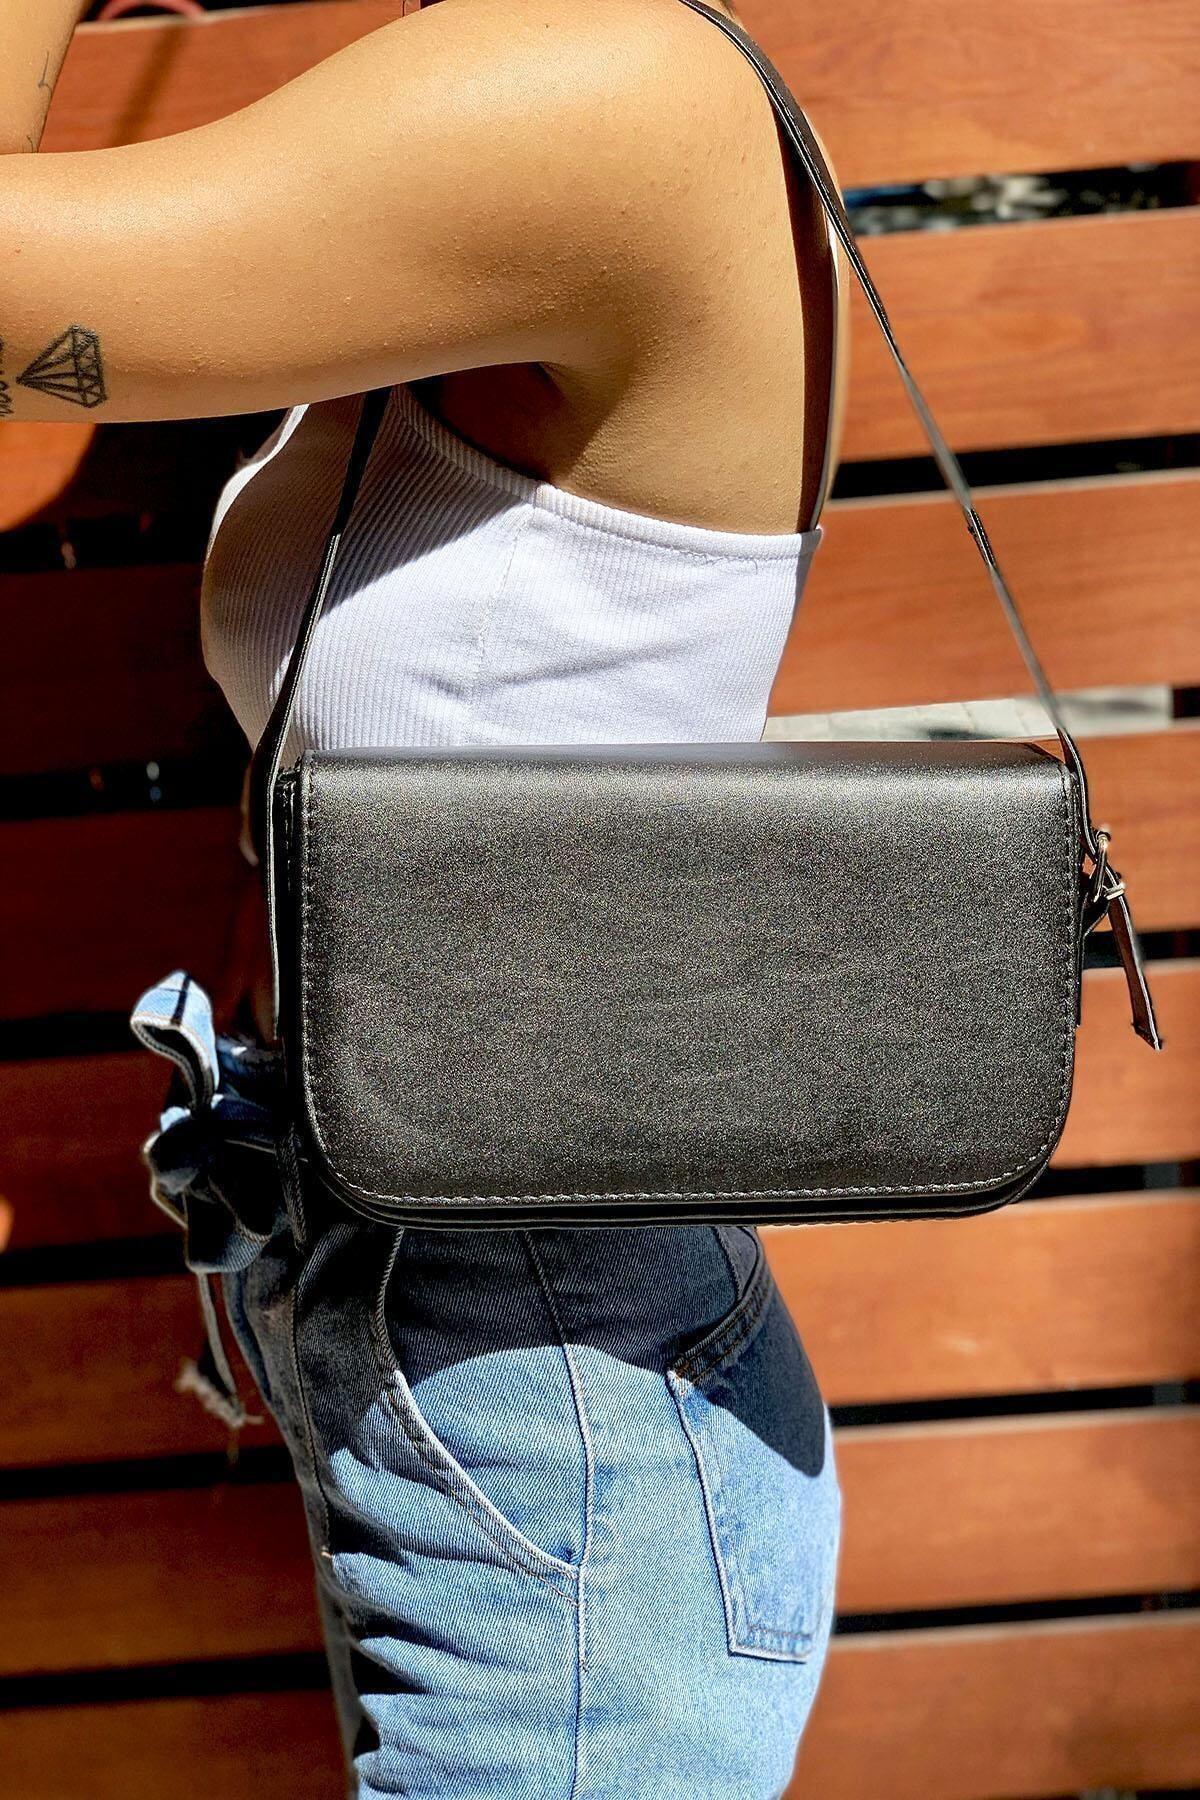 MEFA MARKET Kadın Siyah Baget Omuz Çanta 1